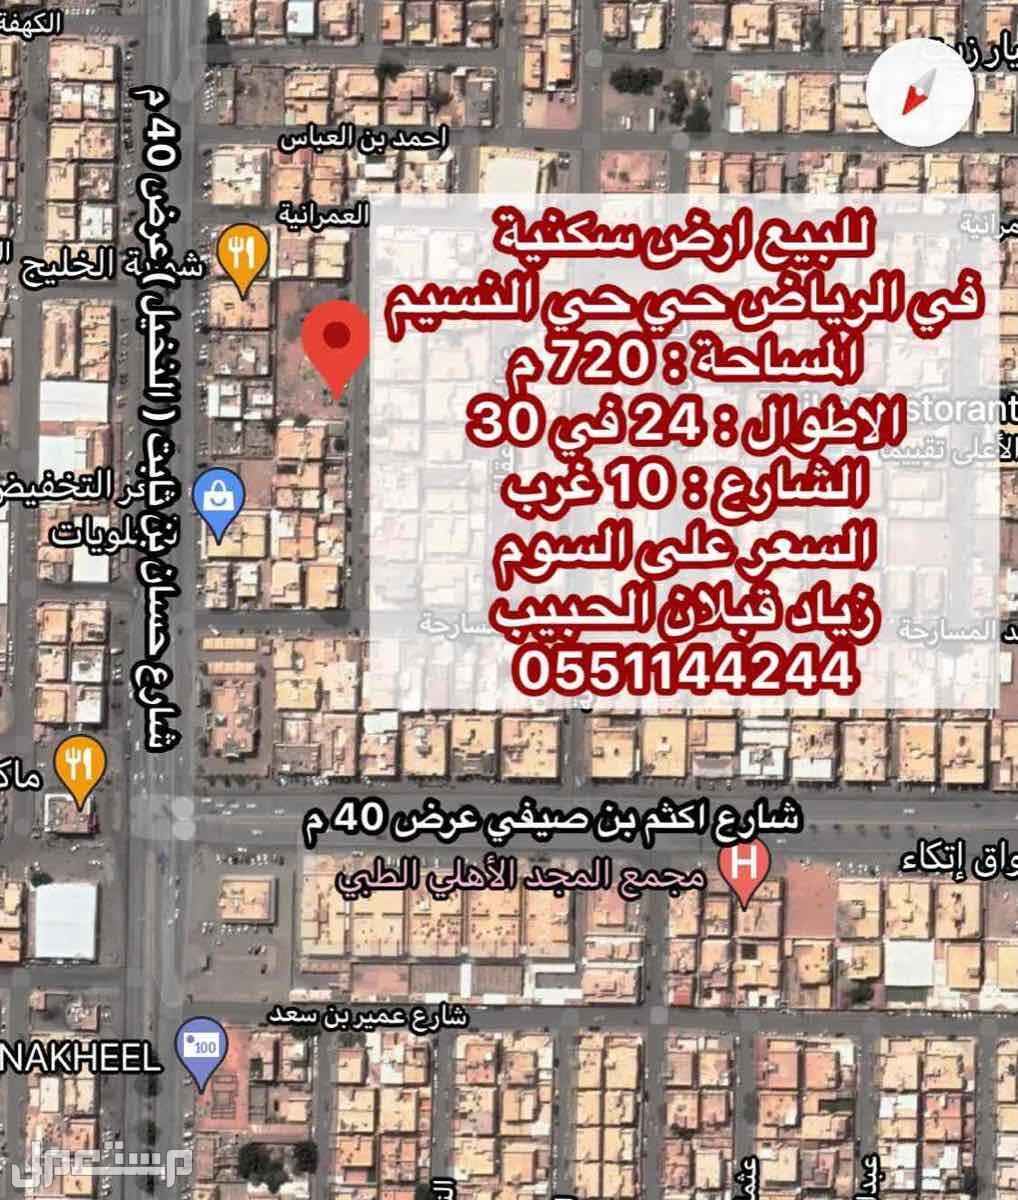 للبيع ارض سكنية في الرياض حي النسيم 720 م